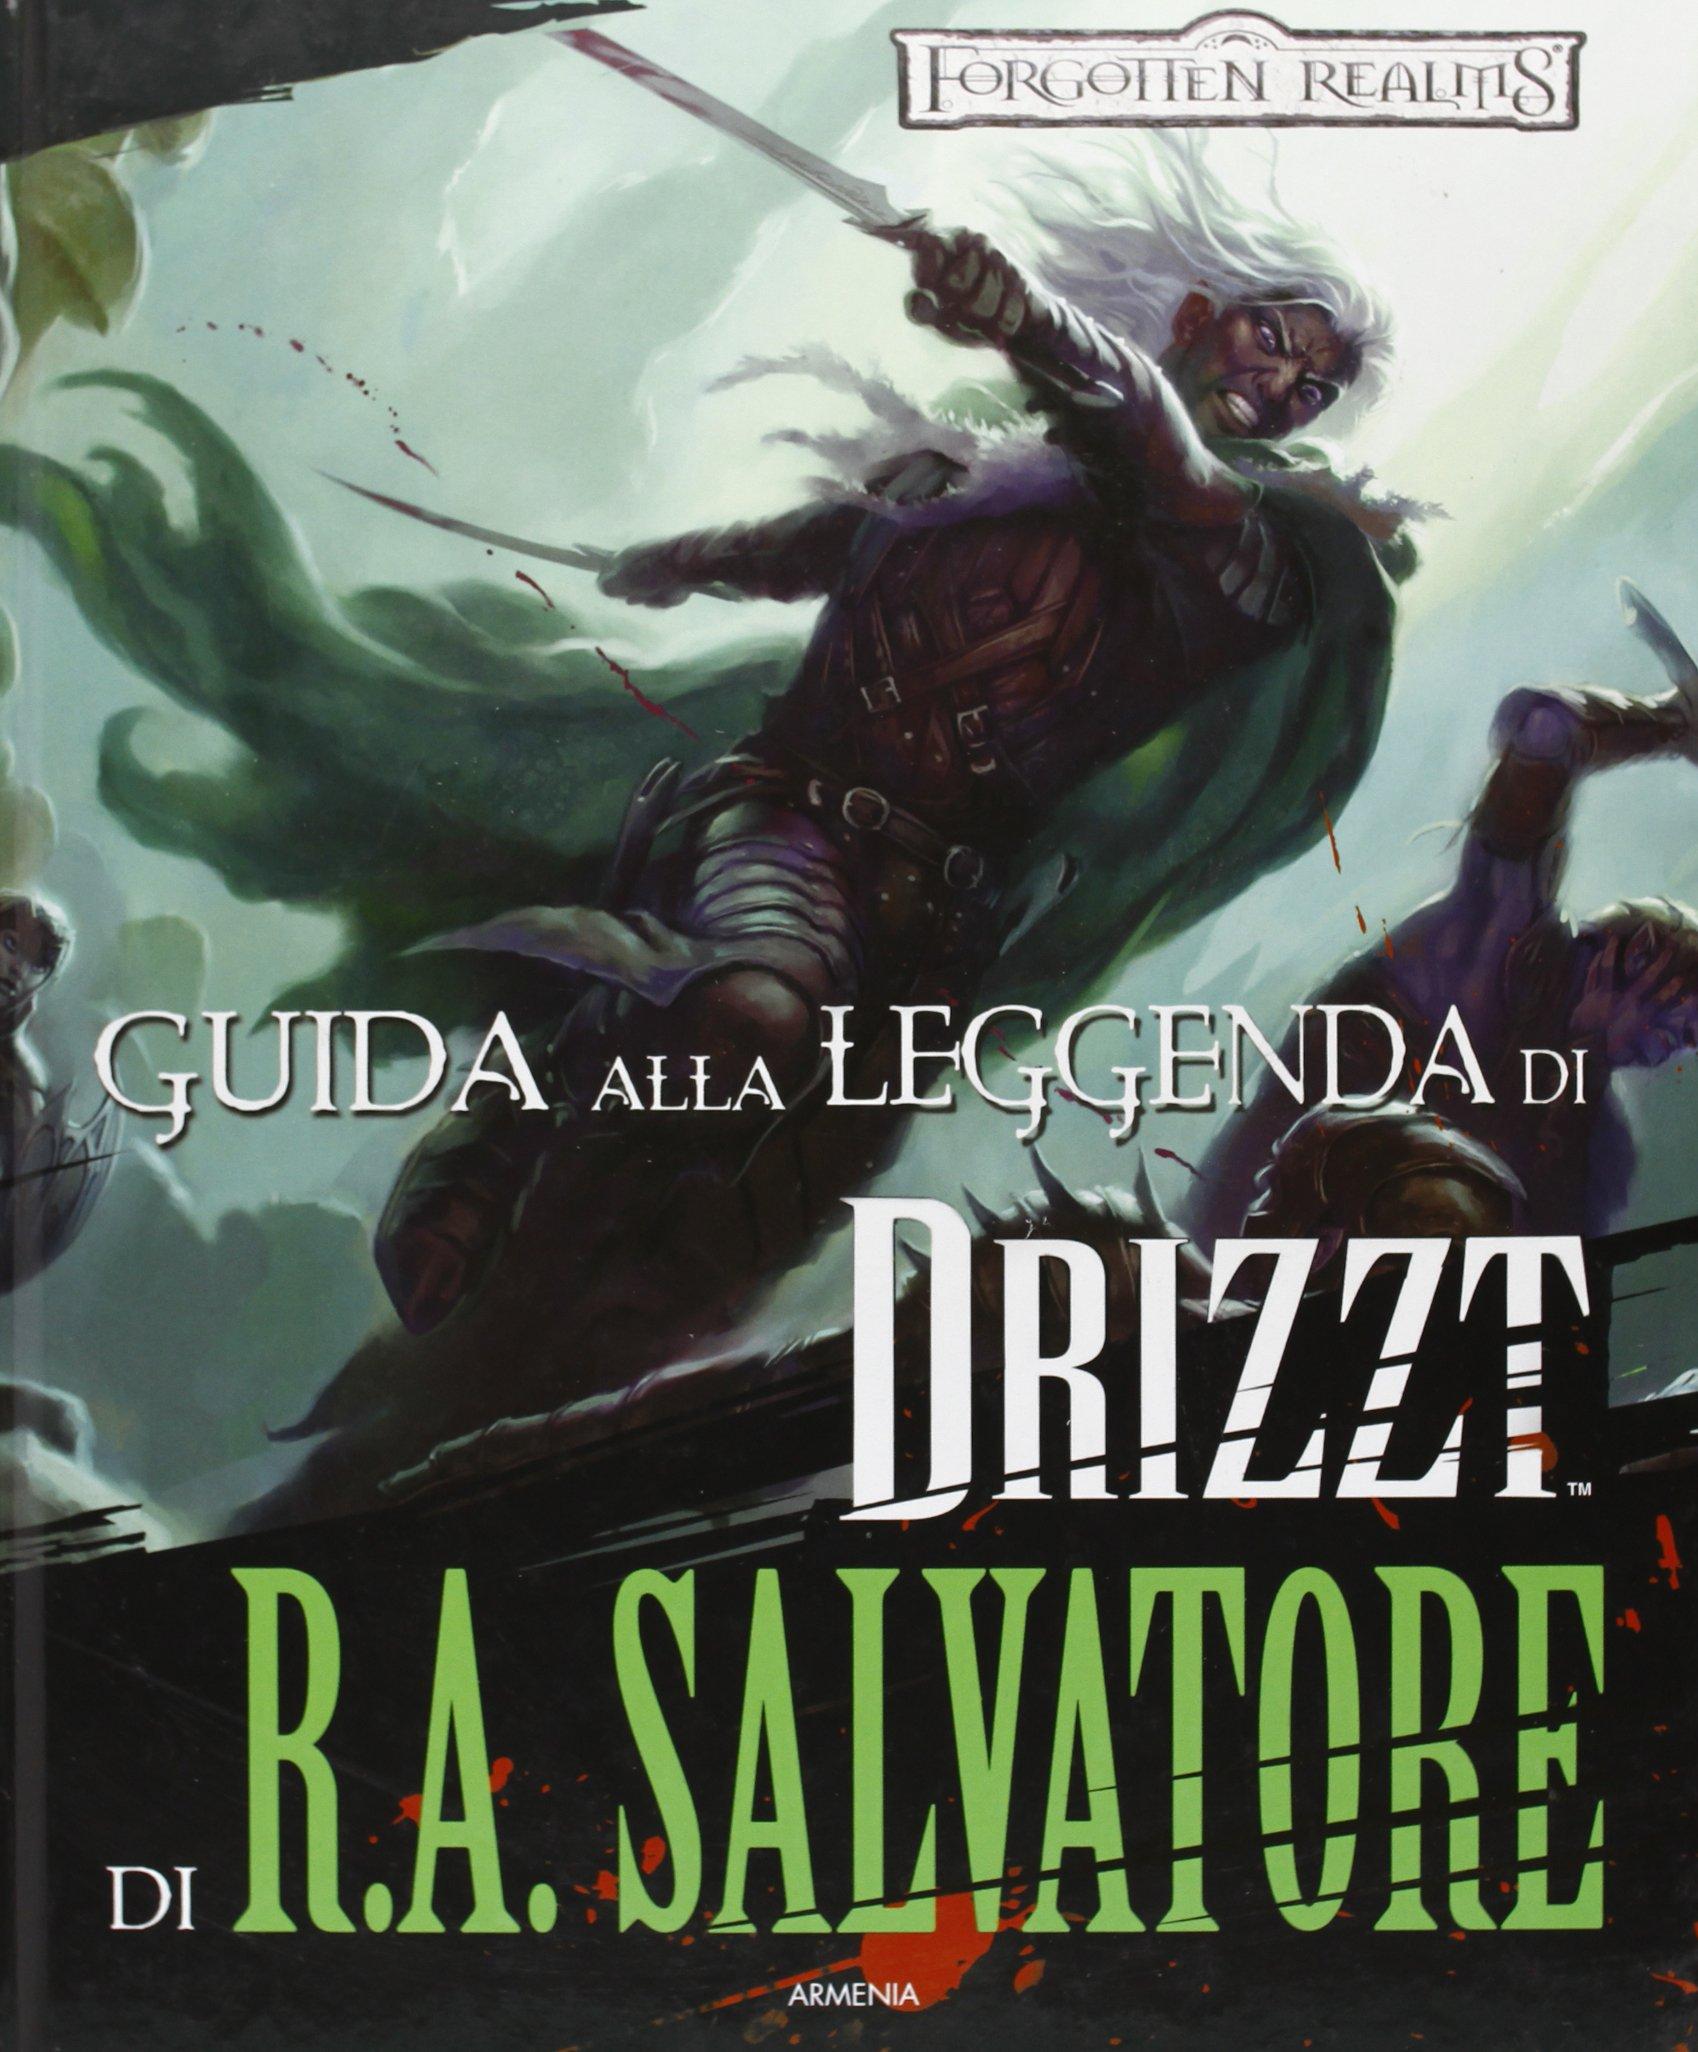 Guida alla leggenda di Drizzt di R. A. Salvatore